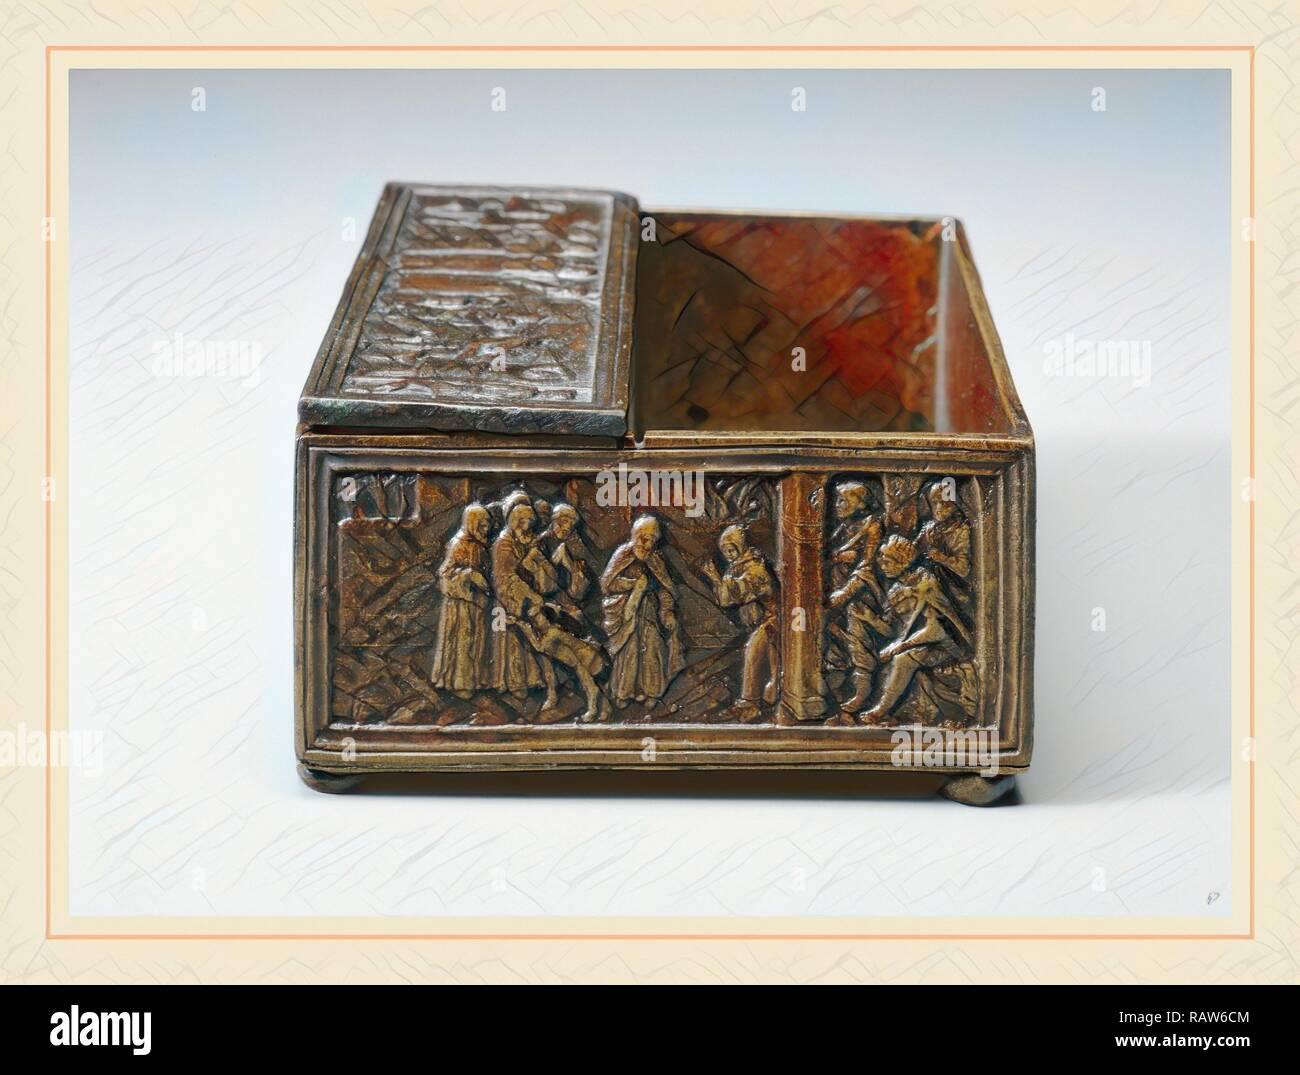 Nach Bartolomeo Spani, zwei Szenen aus dem Leben des Heiligen Simeon von polirone: Das Wunder der Hirsch (Vignette) und Neuerfundene Stockbild